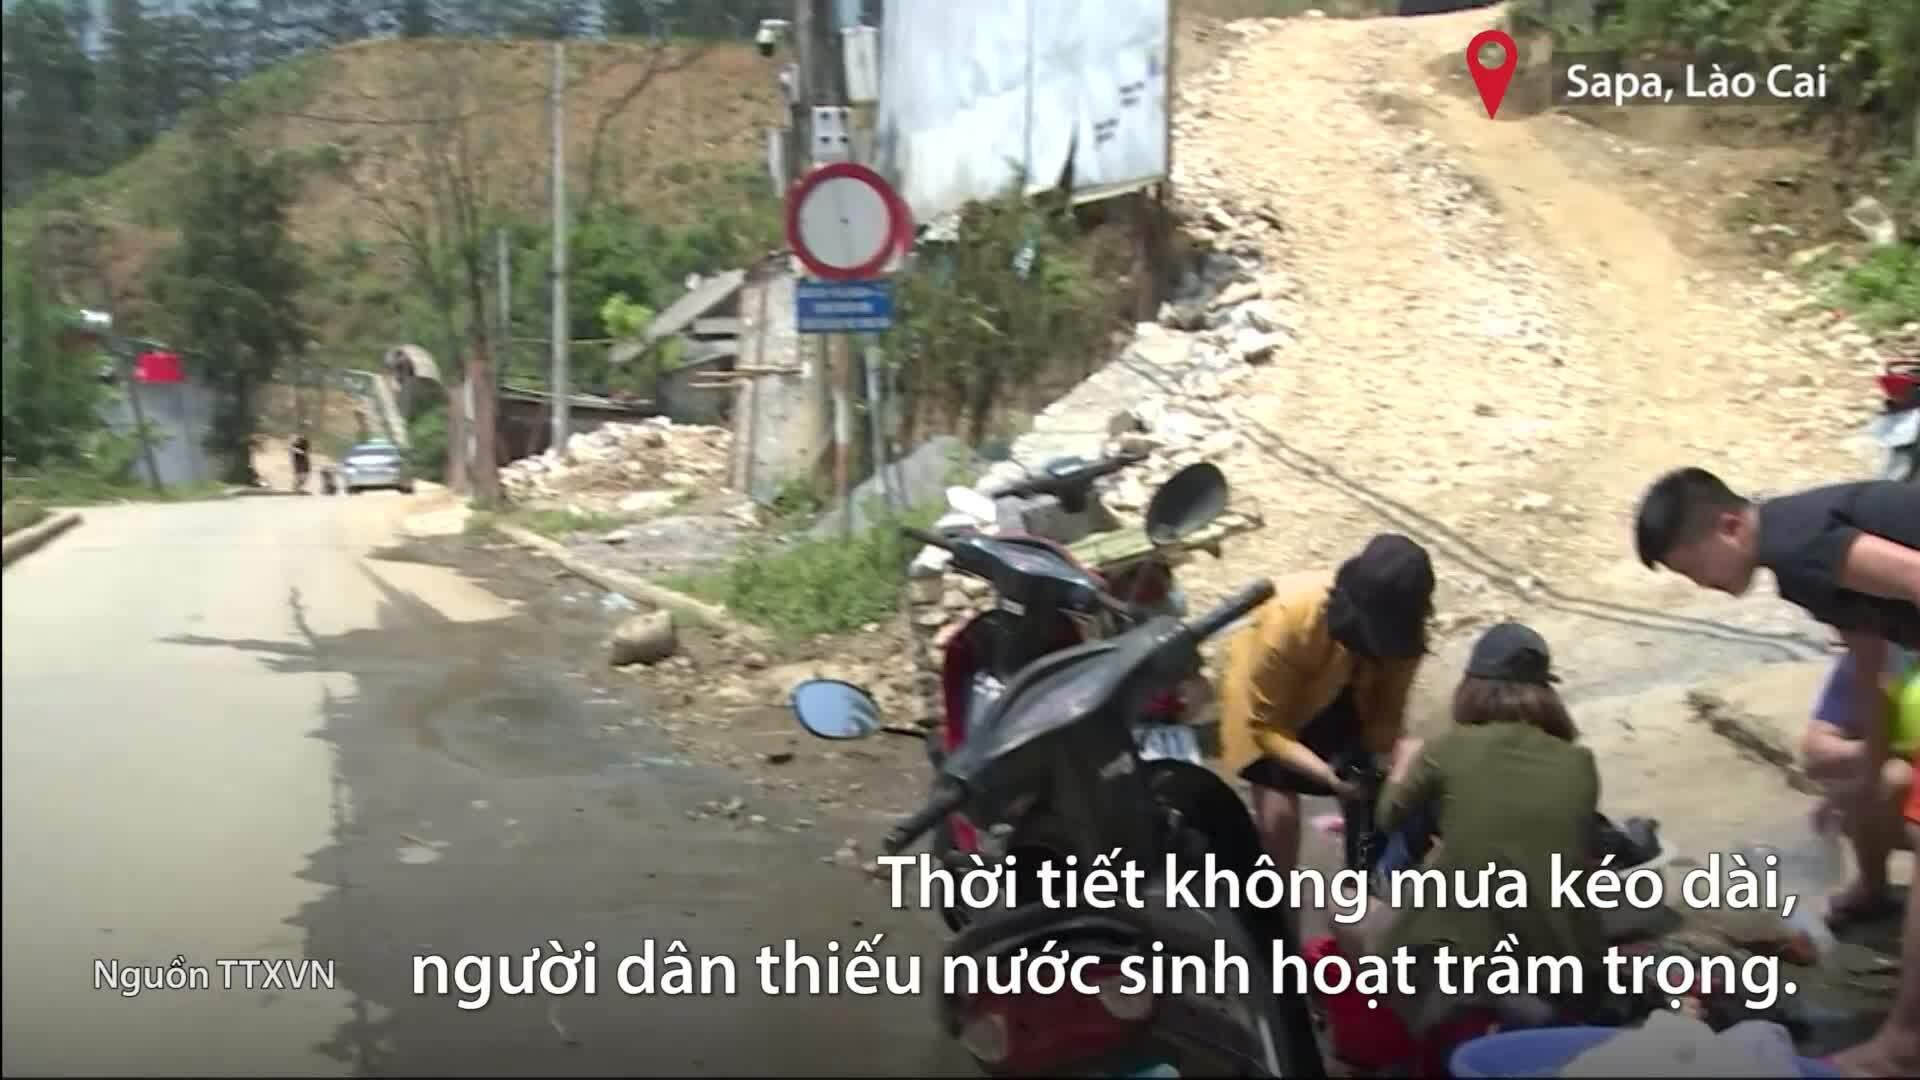 Thị trấn Sa Pa thiếu nước sinh hoạt trầm trọng